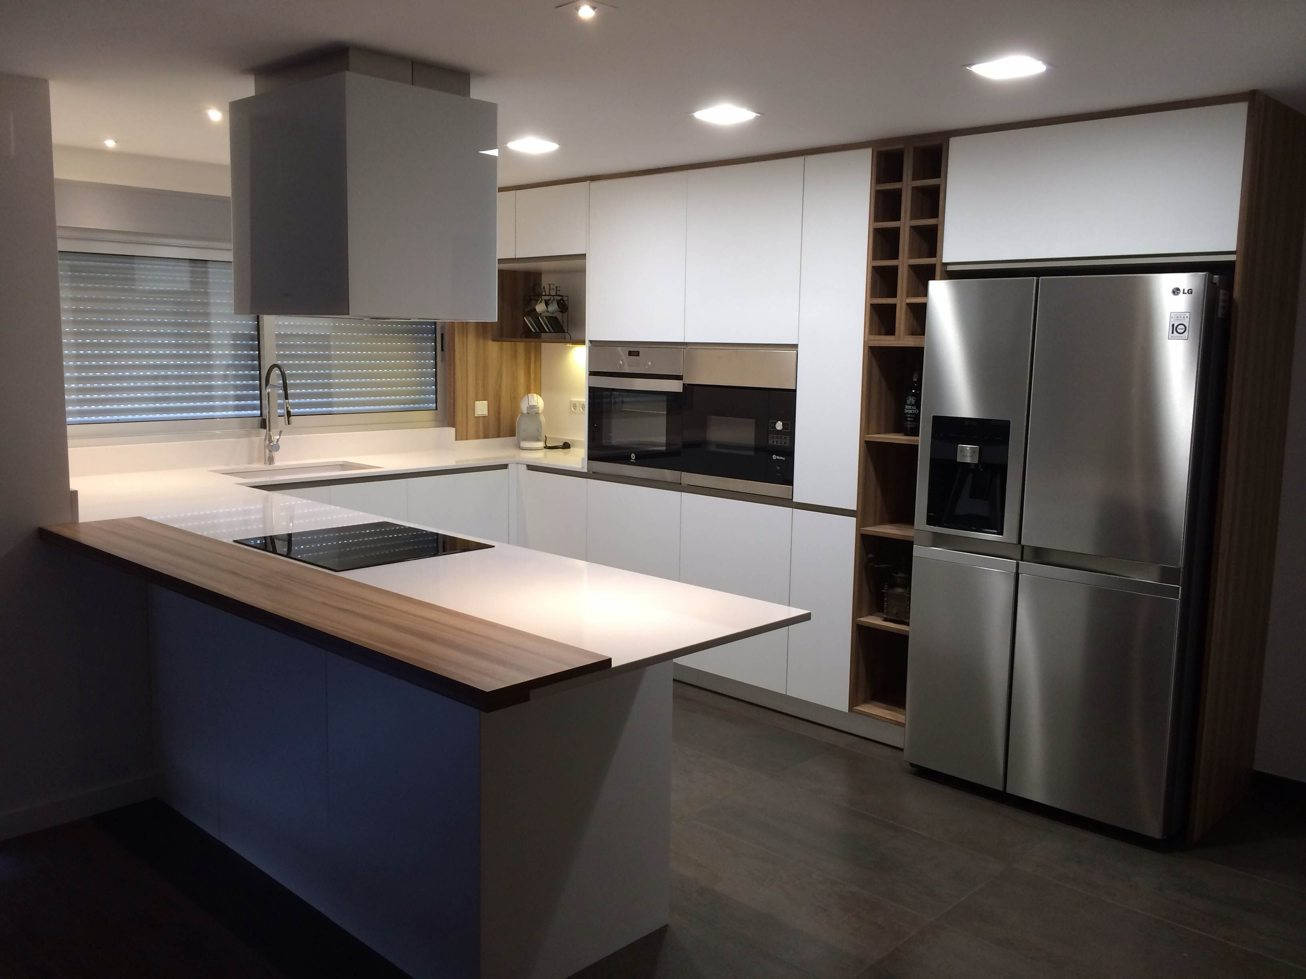 Cocina espacios y proyectos - Cocina abierta ...